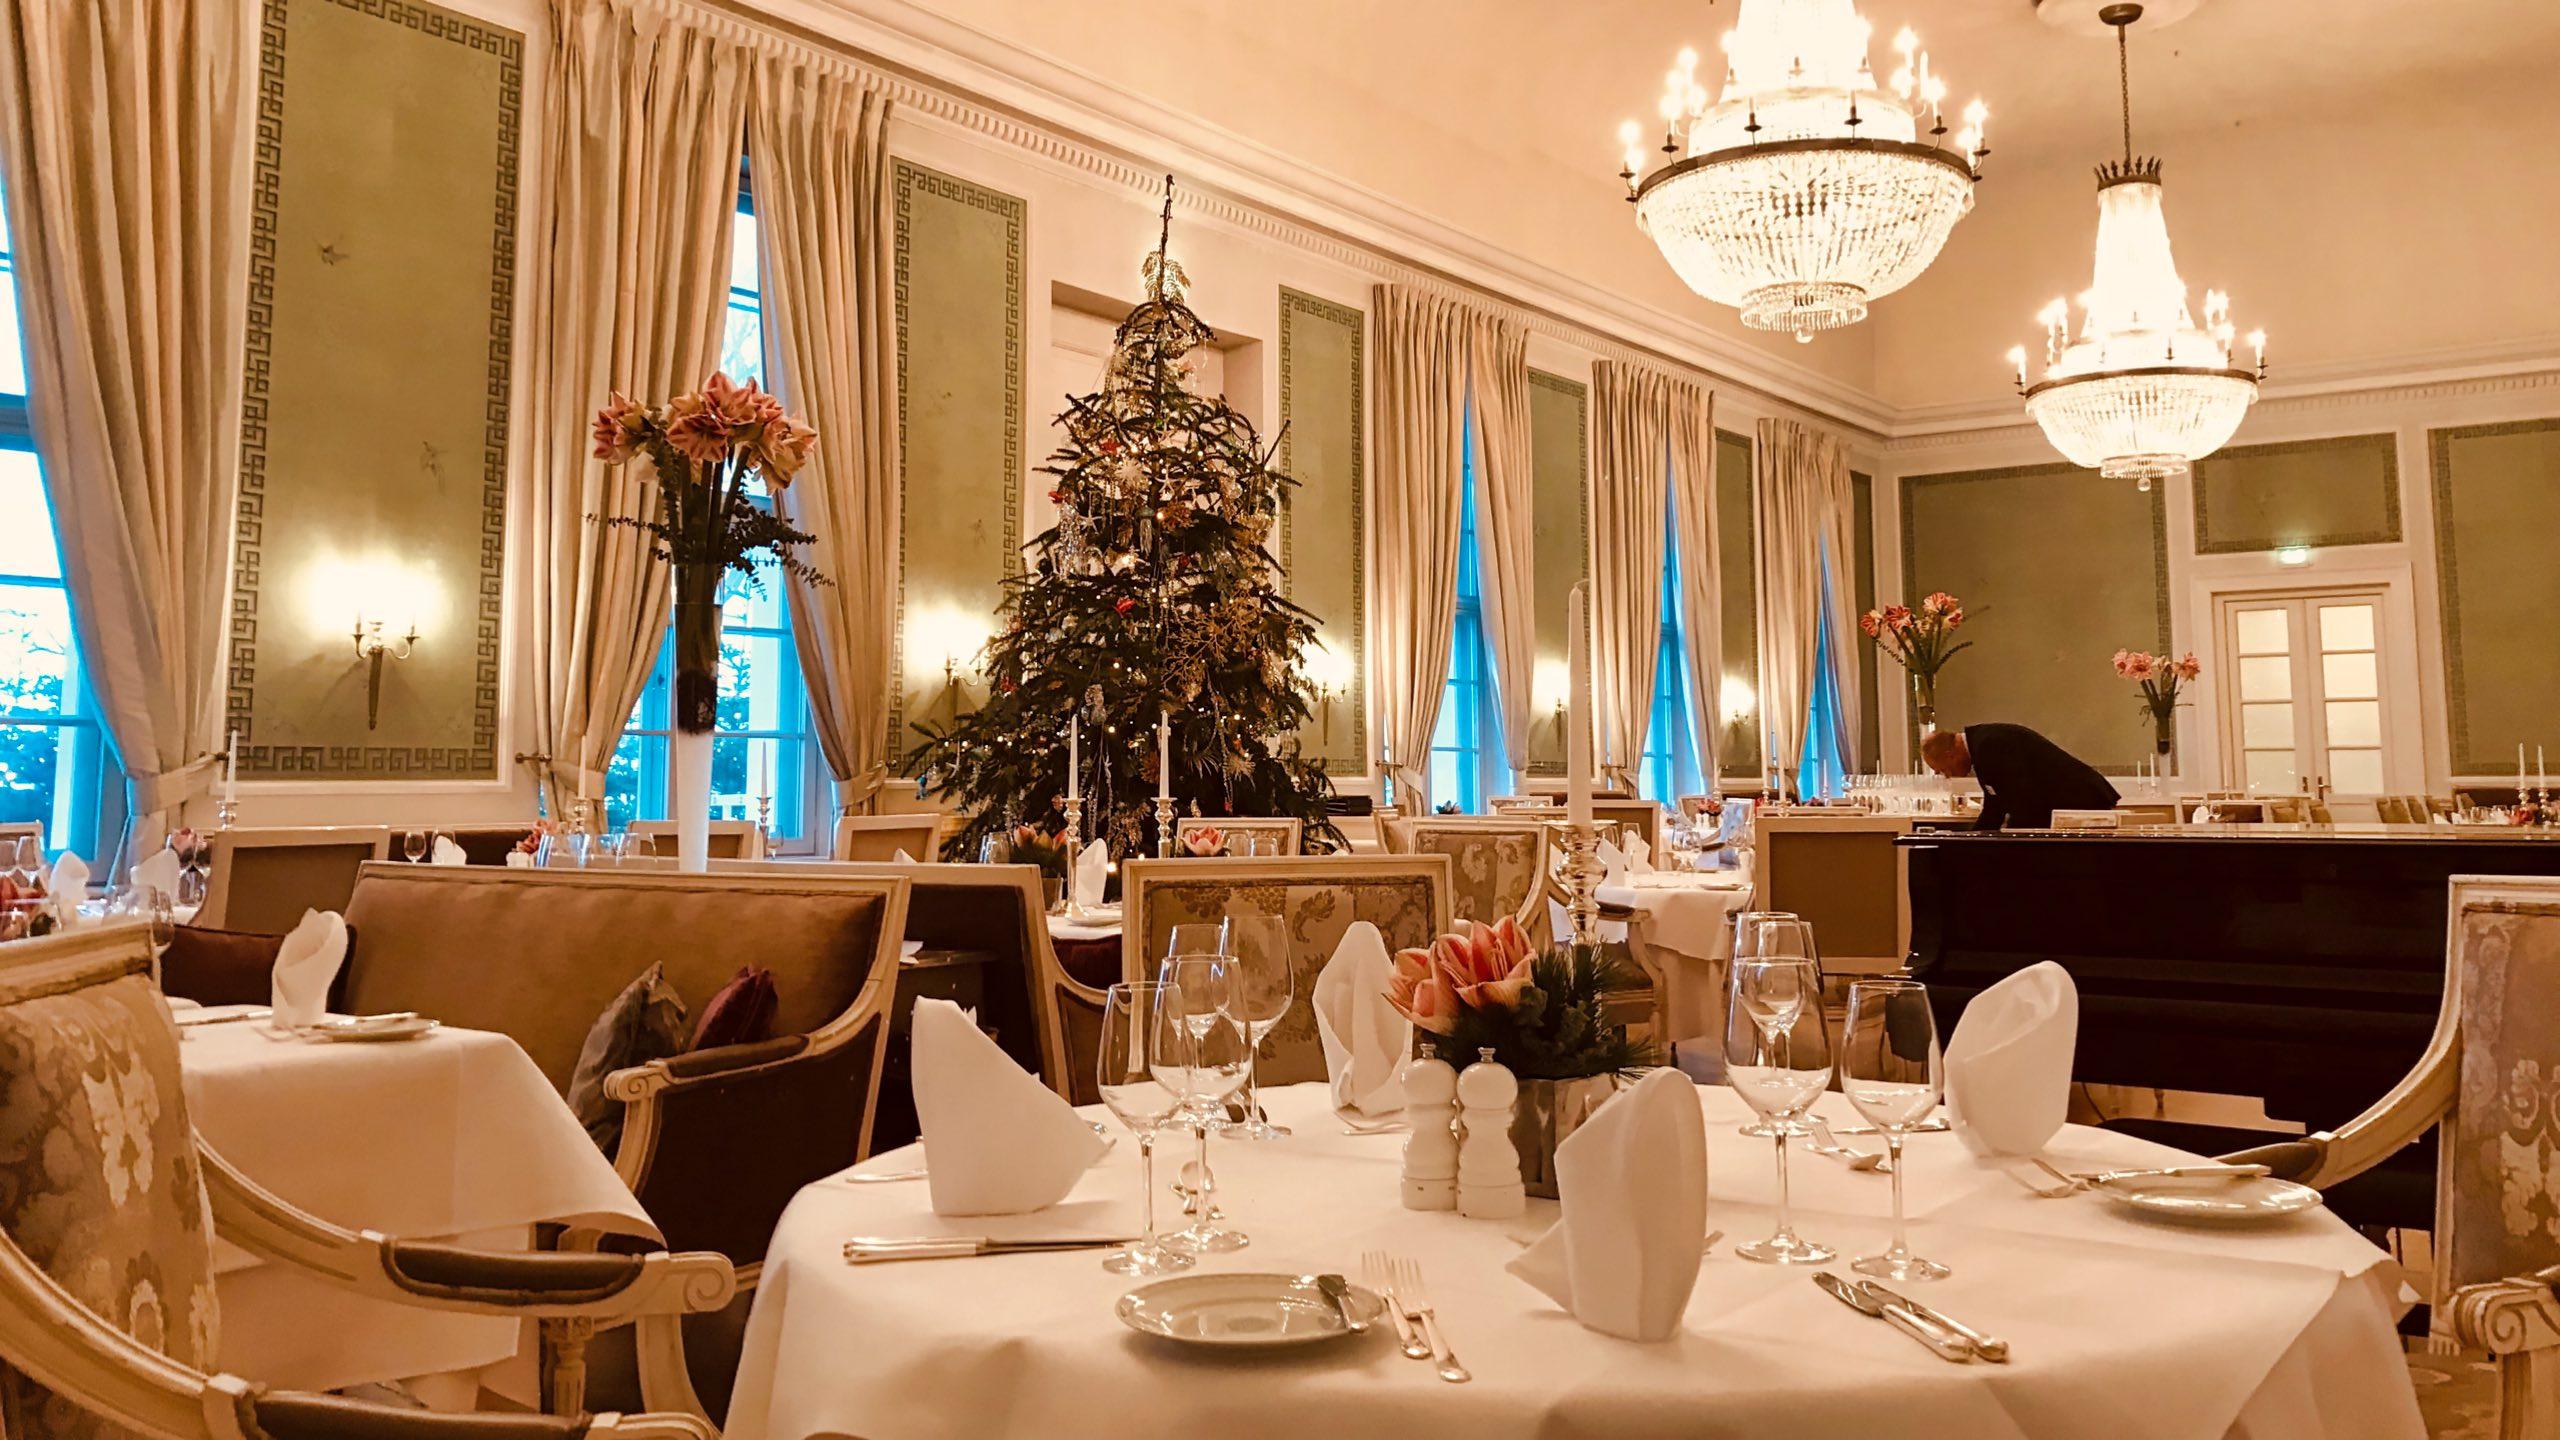 Ein Fest: Das Kurhaus Restaurant Grand Hotel Heiligendamm.Grand Hotel Heiligendamm Kurhaus Restaurant